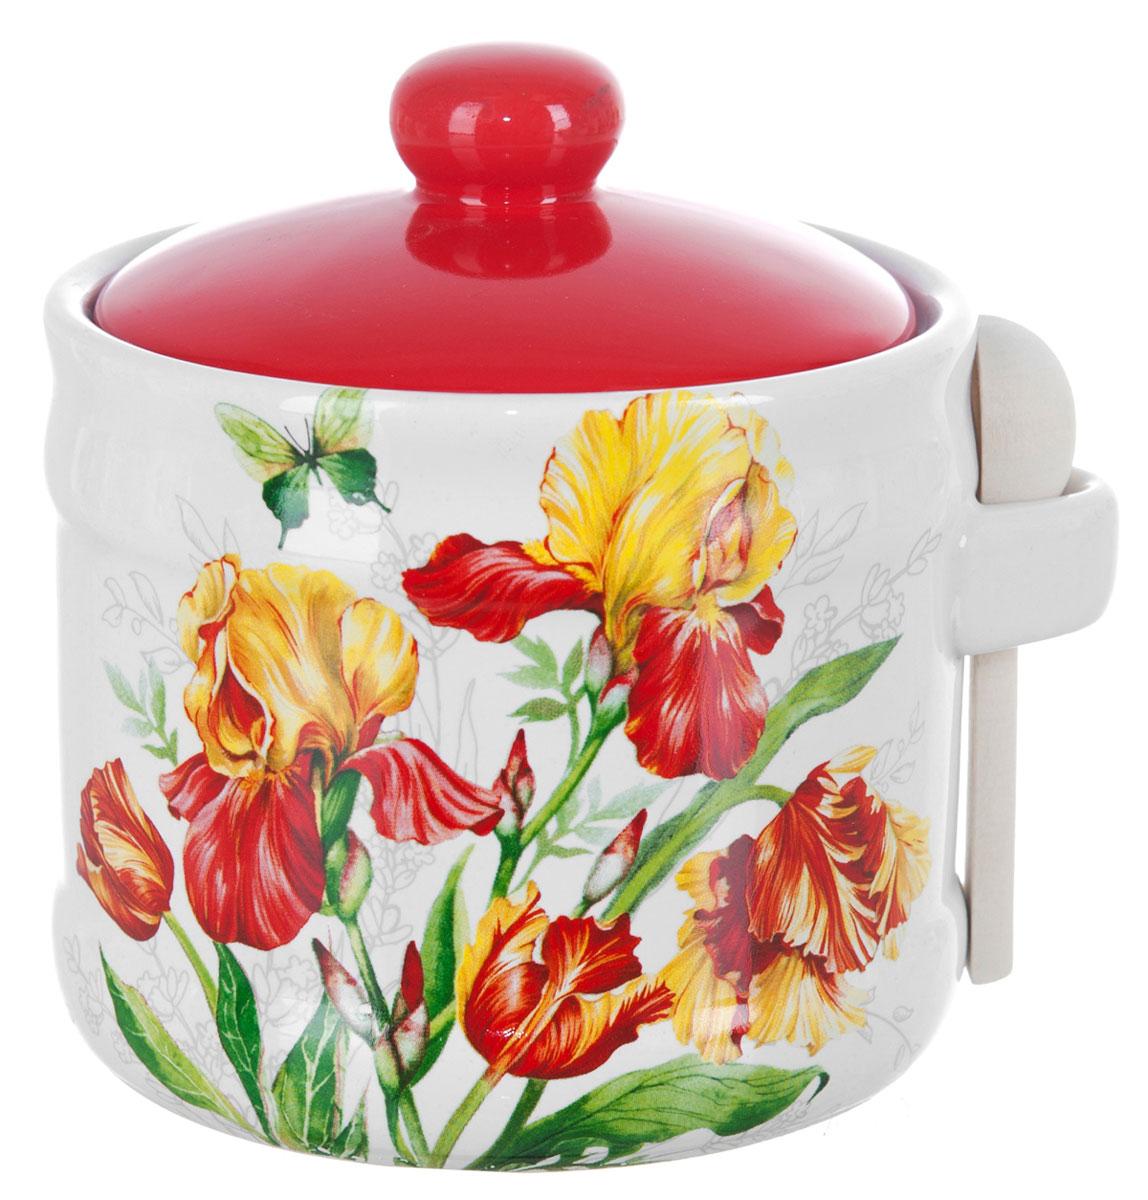 Банка для сыпучих продуктов Polystar Касатик, с ложкой, 400 млL2520657Банка для сыпучих продуктов изготовлена из прочной доломитовой керамики, с деревянной ложечкой. Изделие оформлено красочным изображением. Банка прекрасно подойдет для хранения различных сыпучих продуктов: чая, кофе, сахара, круп и многого другого. Изящная емкость не только поможет хранить разнообразные сыпучие продукты, но и стильно дополнит интерьер кухни. Изделие подходит для использования в посудомоечной машине.